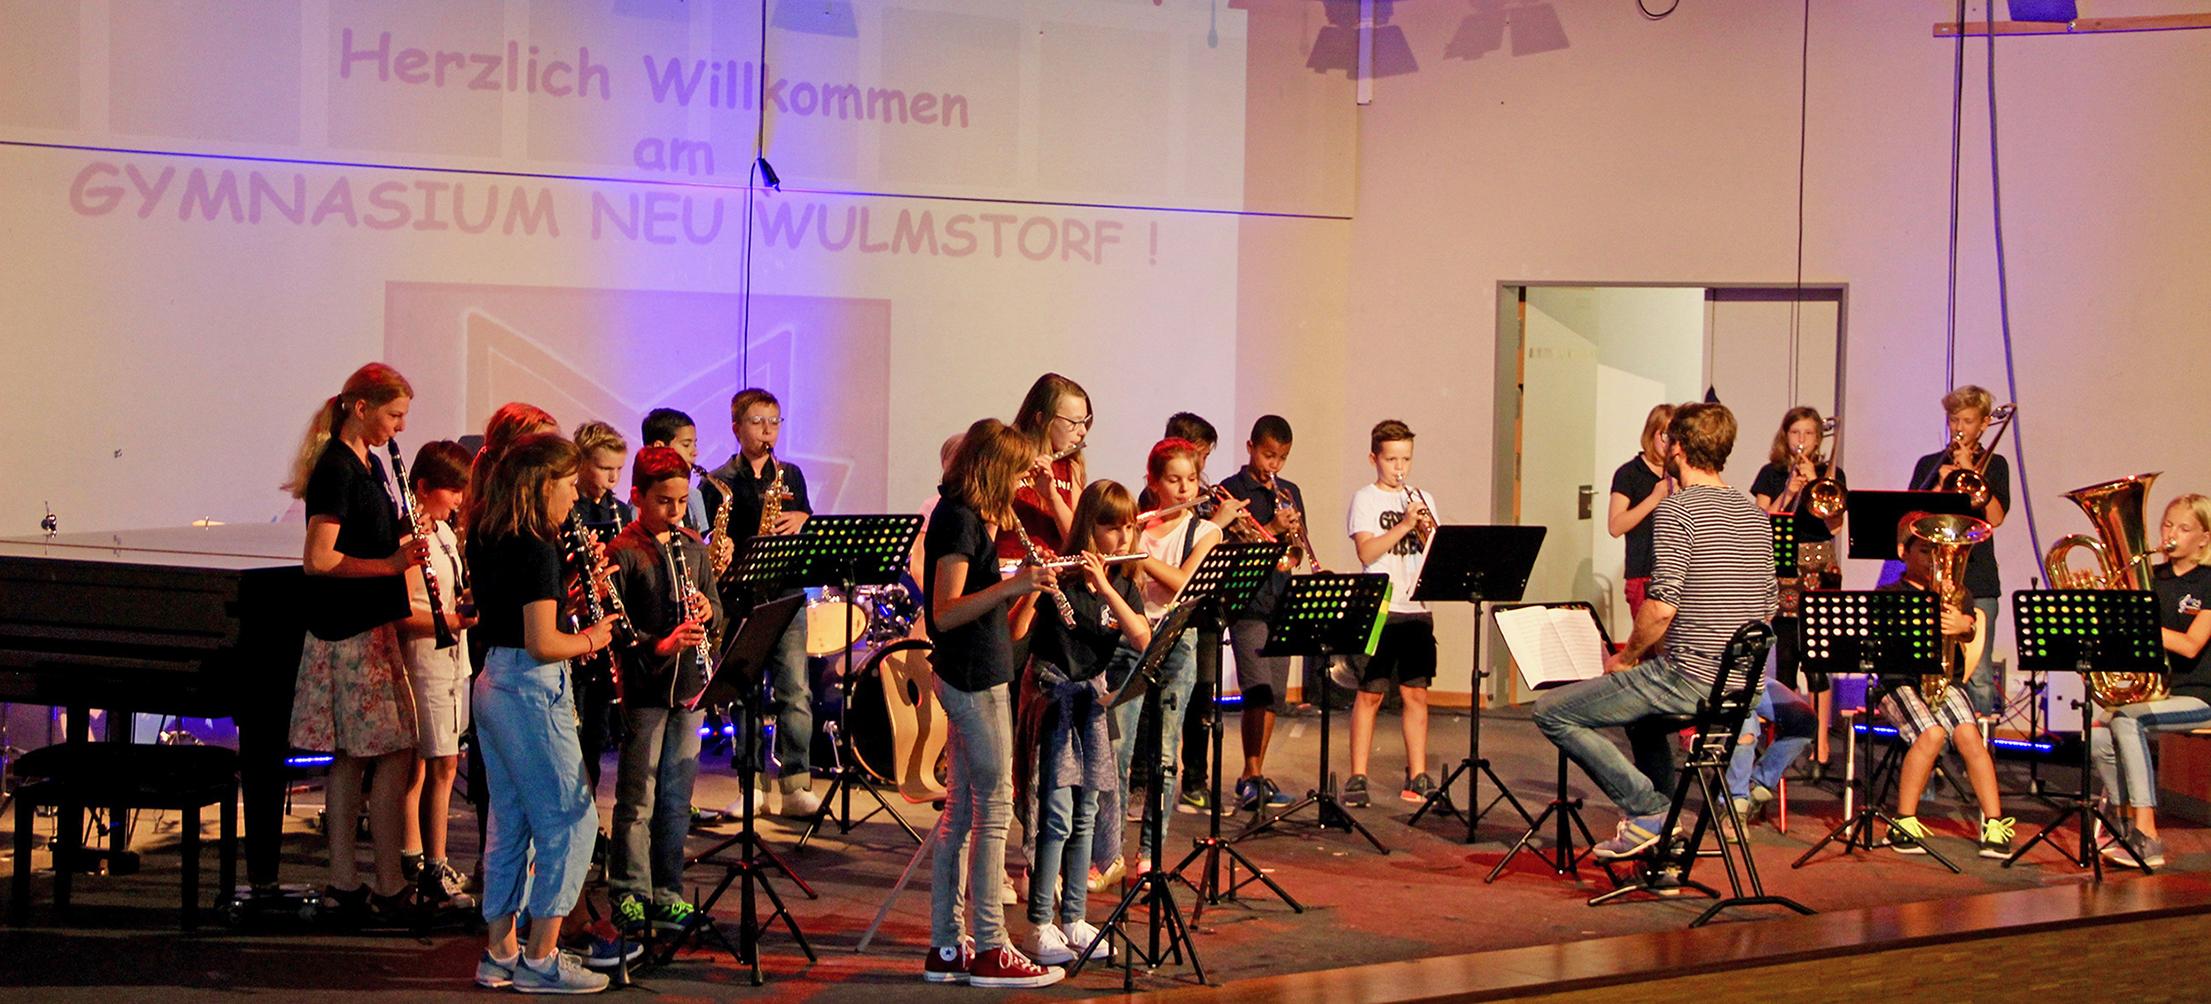 Föerdung begabter Schüler Musik